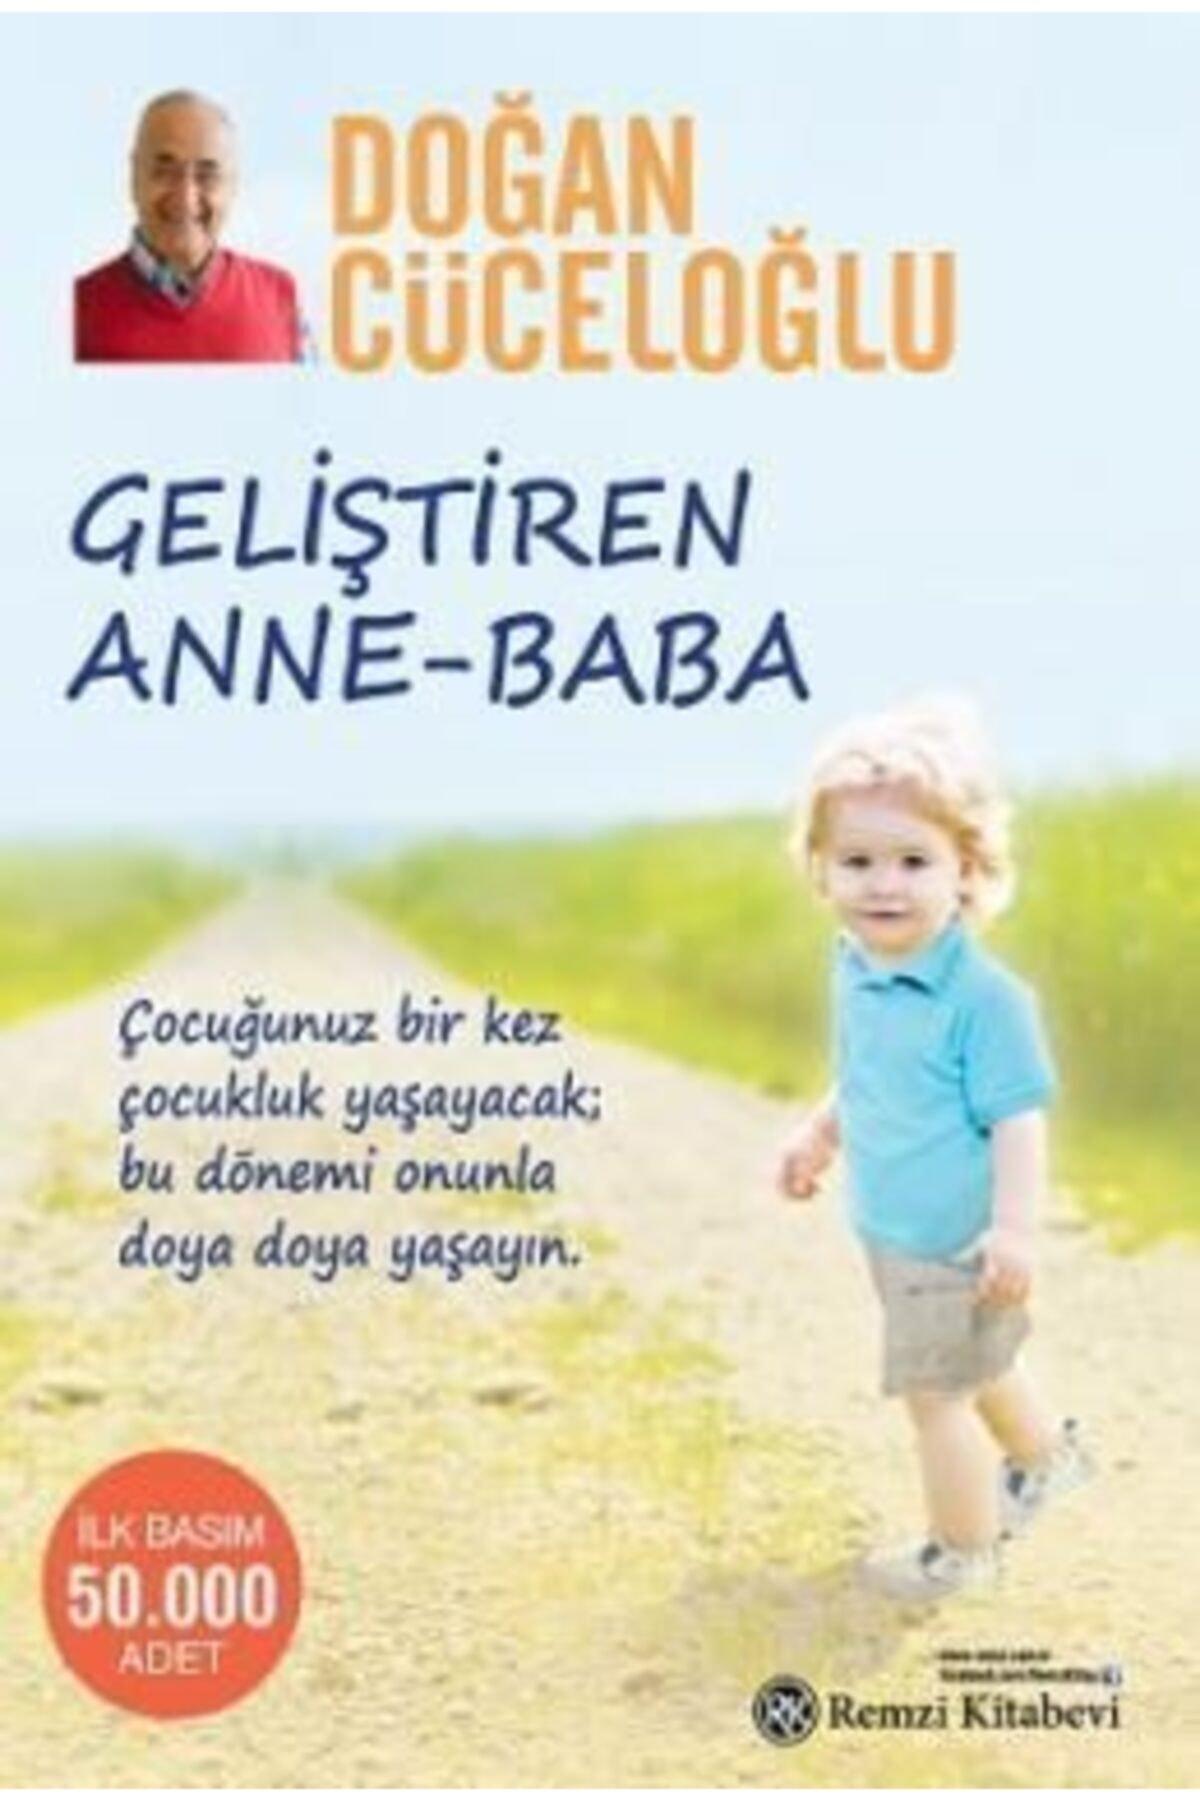 Remzi Kitabevi Geliştiren Anne-baba | Doğan Cüceloğlu | 1